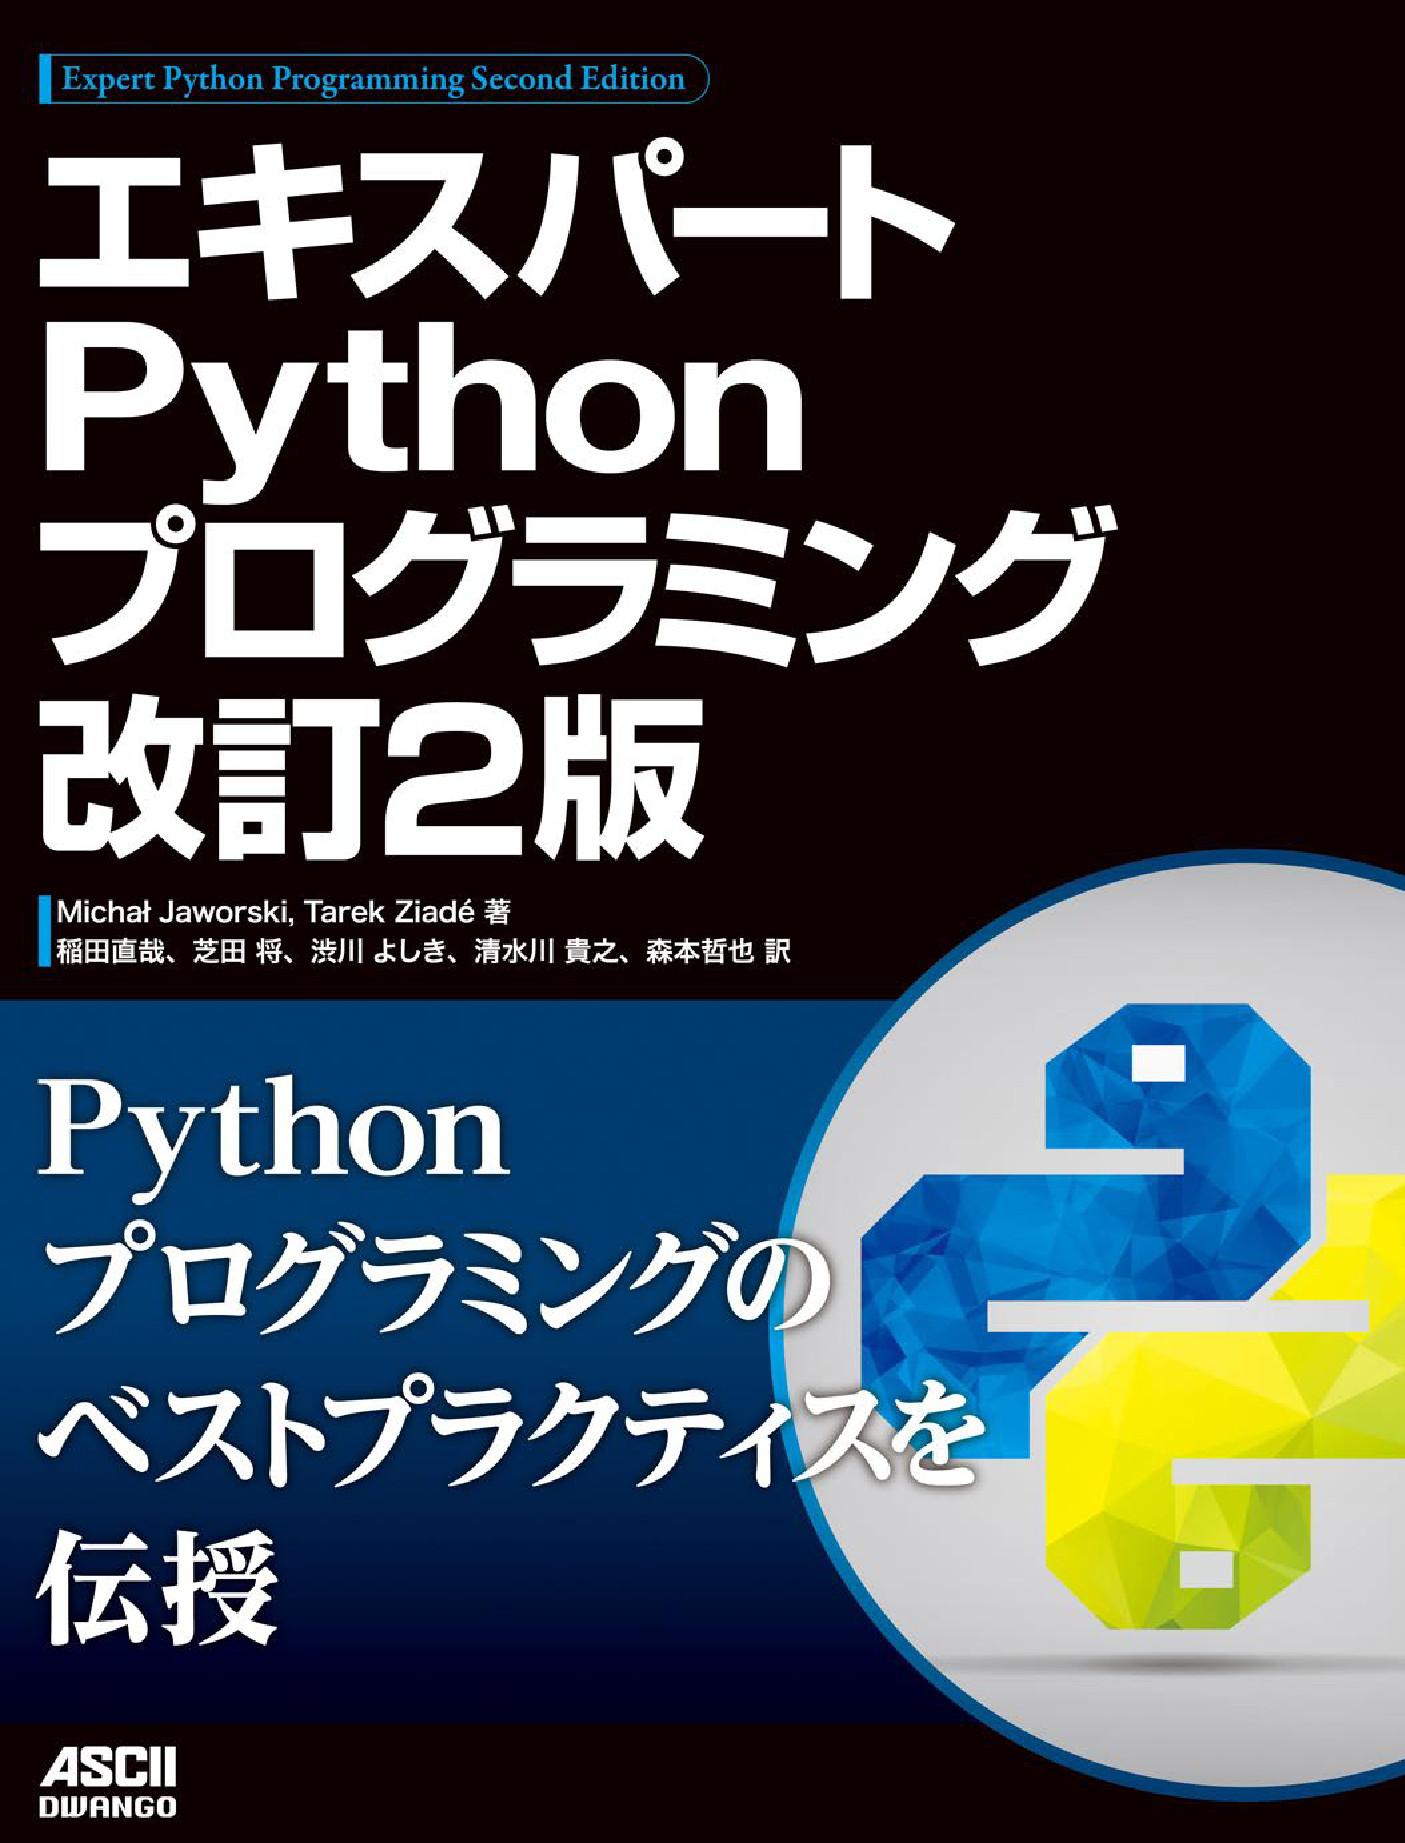 エキスパートPythonプログラミン...